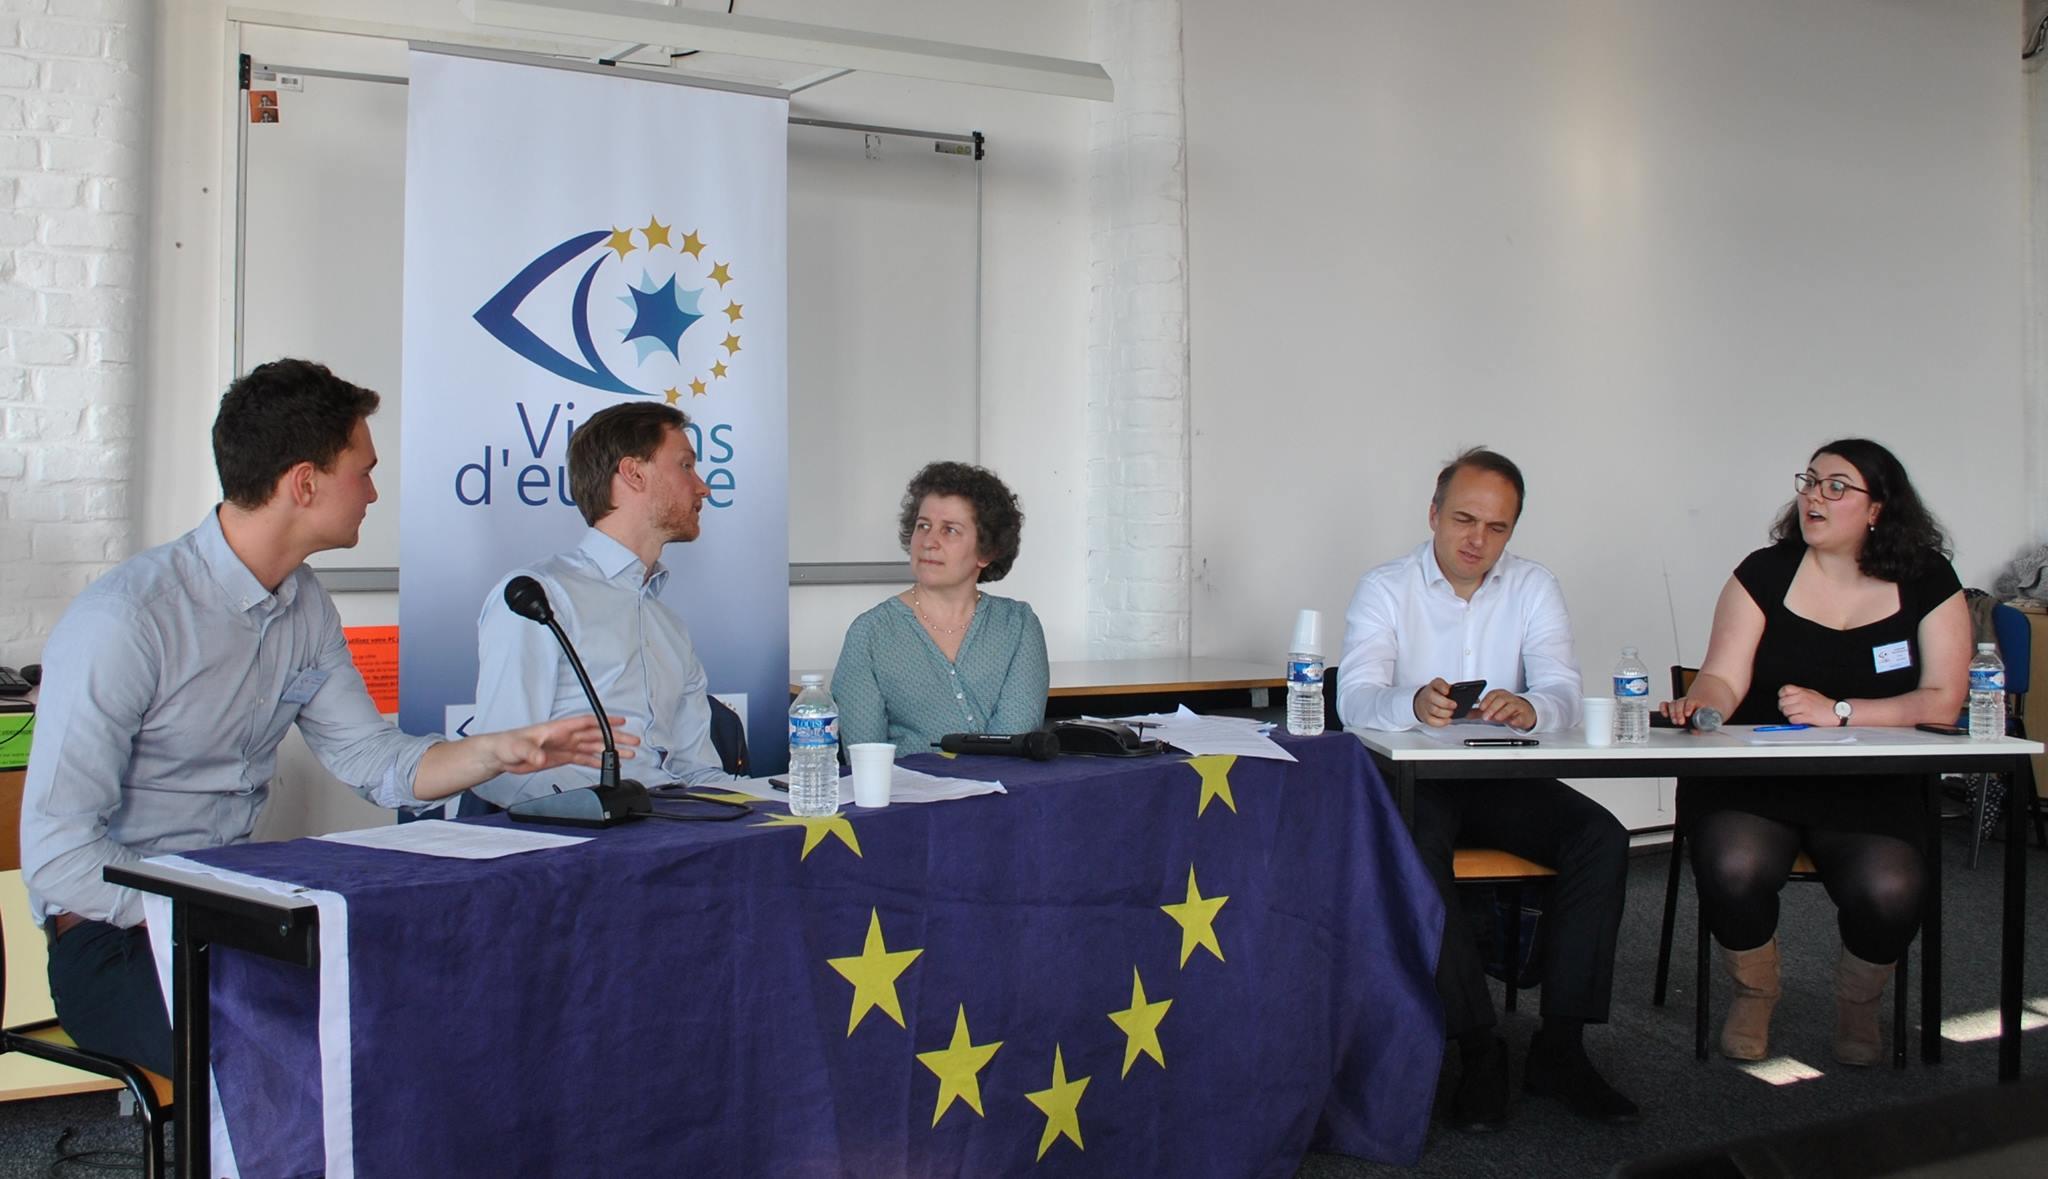 Conférence sur le Brexit organisée par Visions d'Europe, en compagnie de Olaf Henrcson-Bell ; Yves Bertoncini et Catherine Mathieu